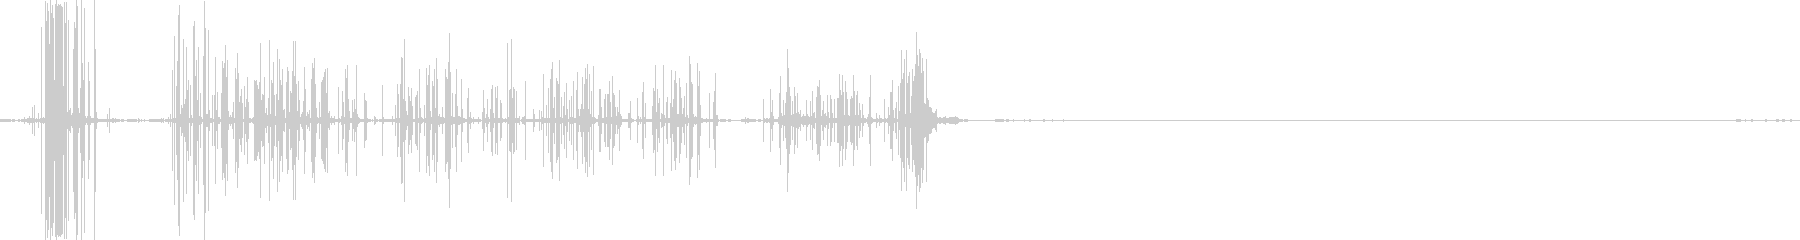 ベルクロリップスクローズパースペク...の未再生の波形